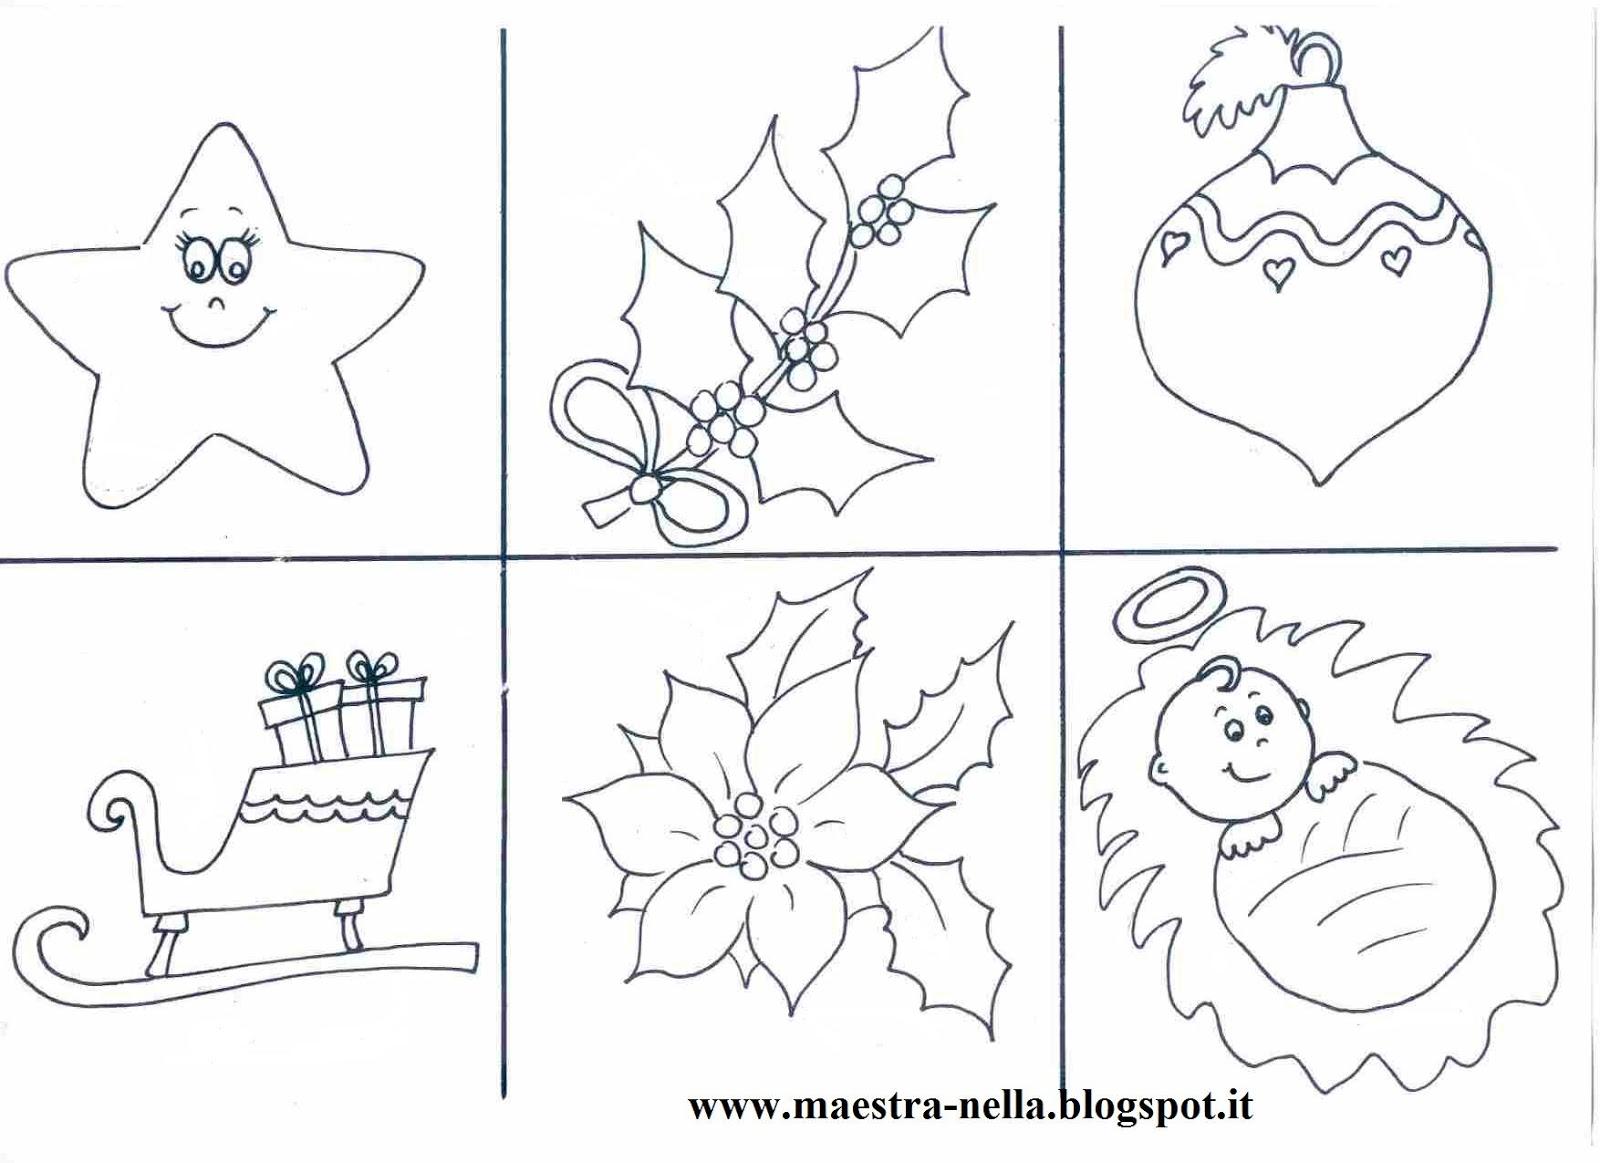 Maestra nella calendario dell 39 avvento for Lavoretti di natale maestra mary